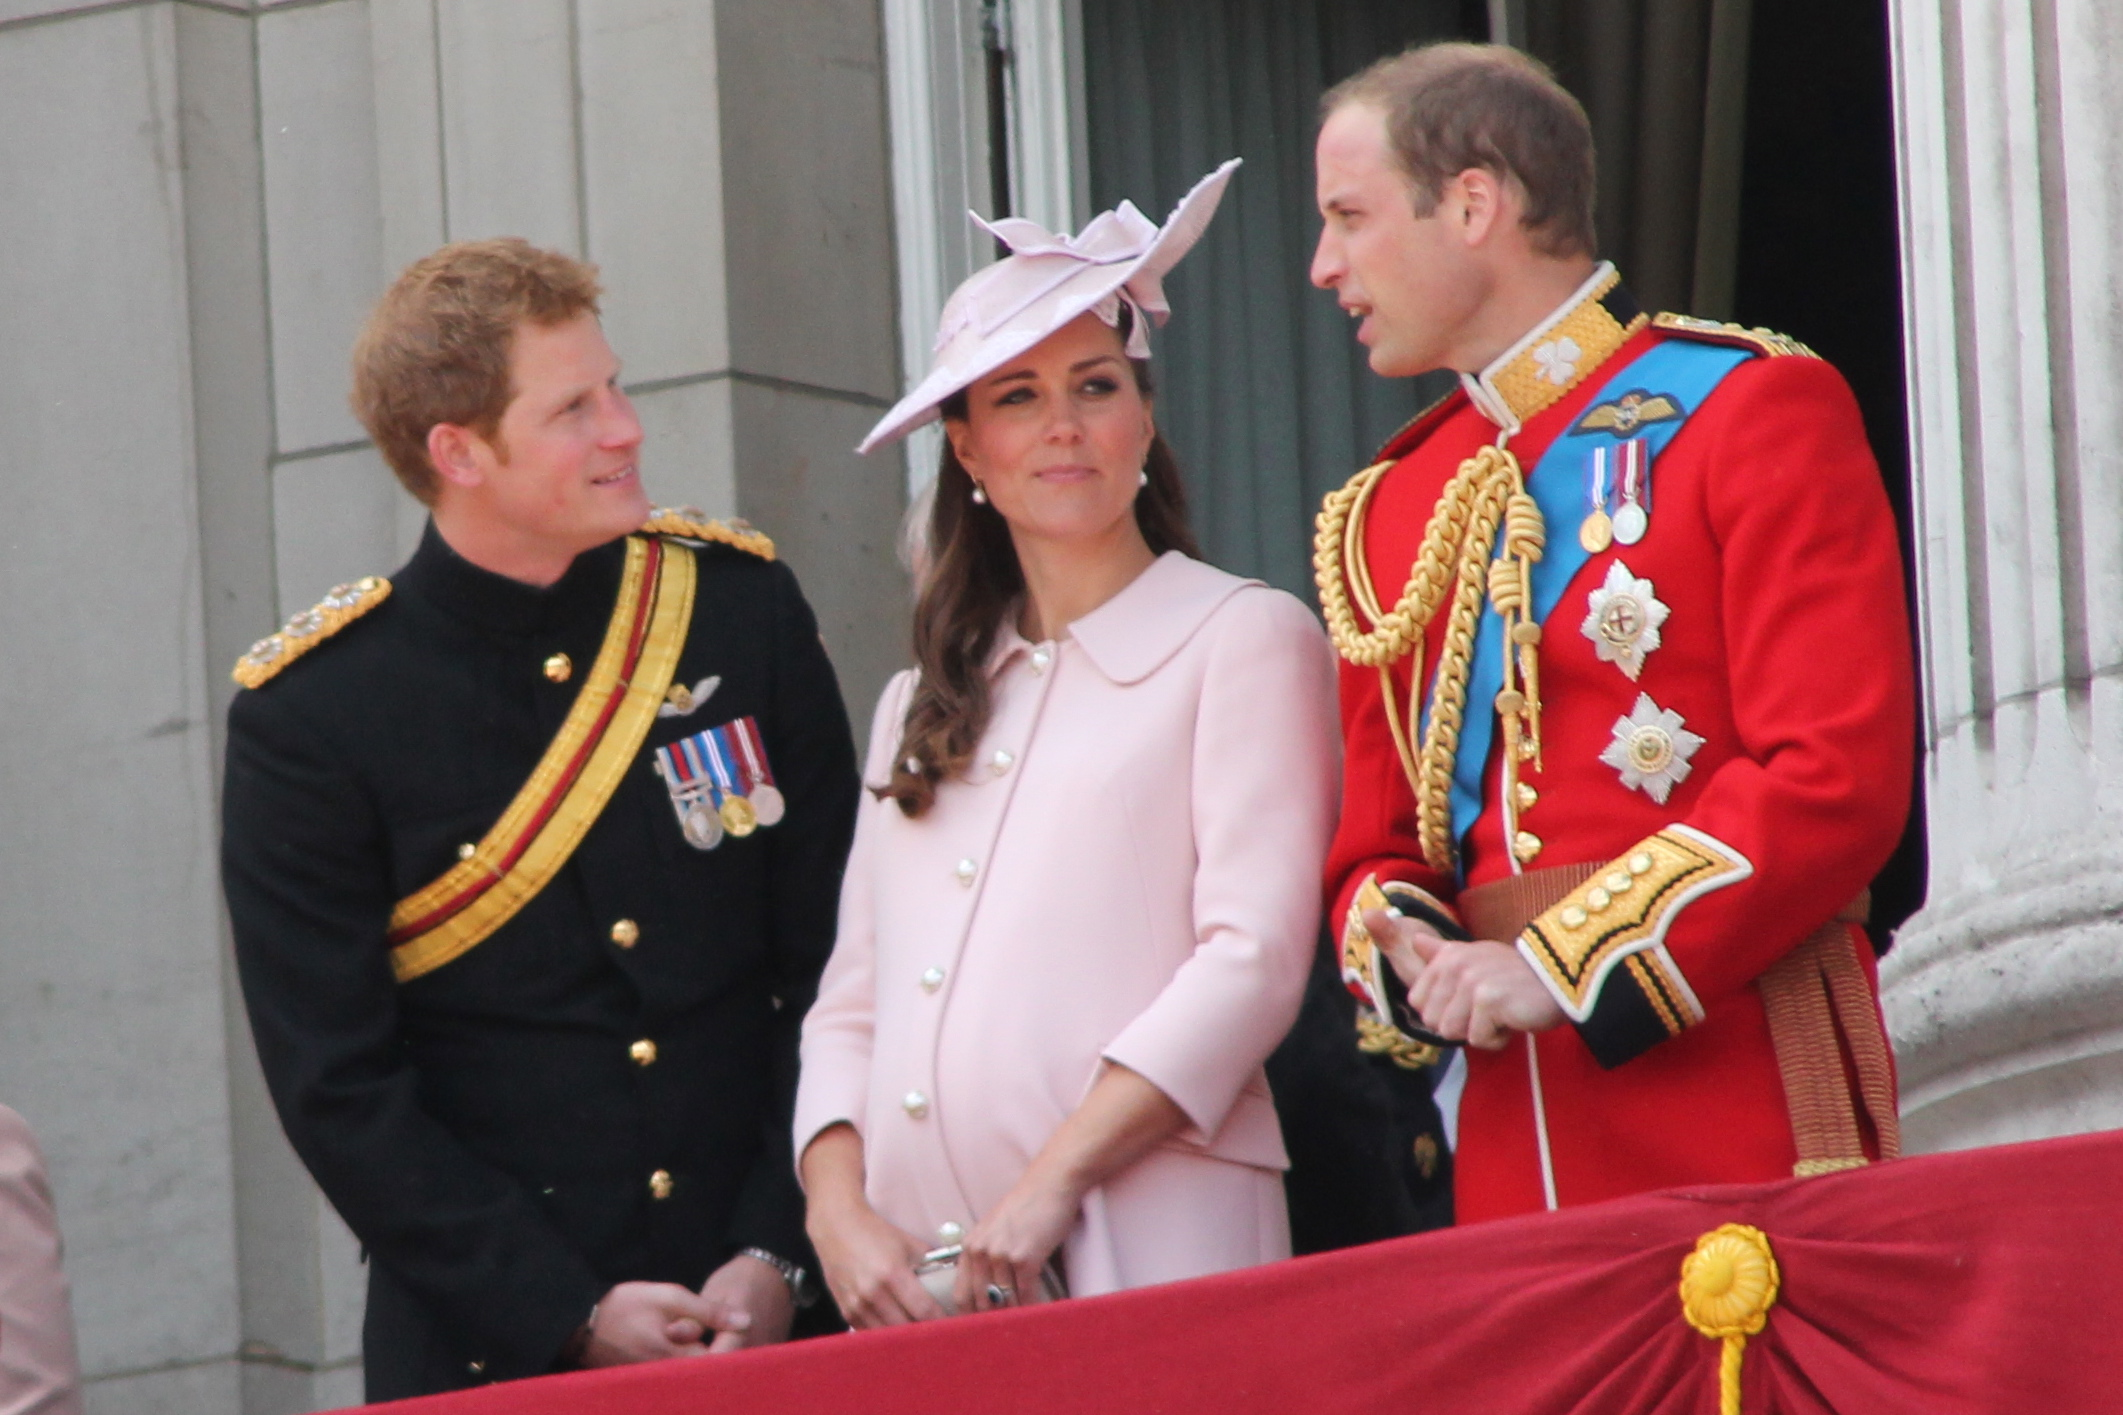 Prinţul Harry va înnebuni! Meghan Markle s-a infiltrat în Familia Regală! S-a aflat tot